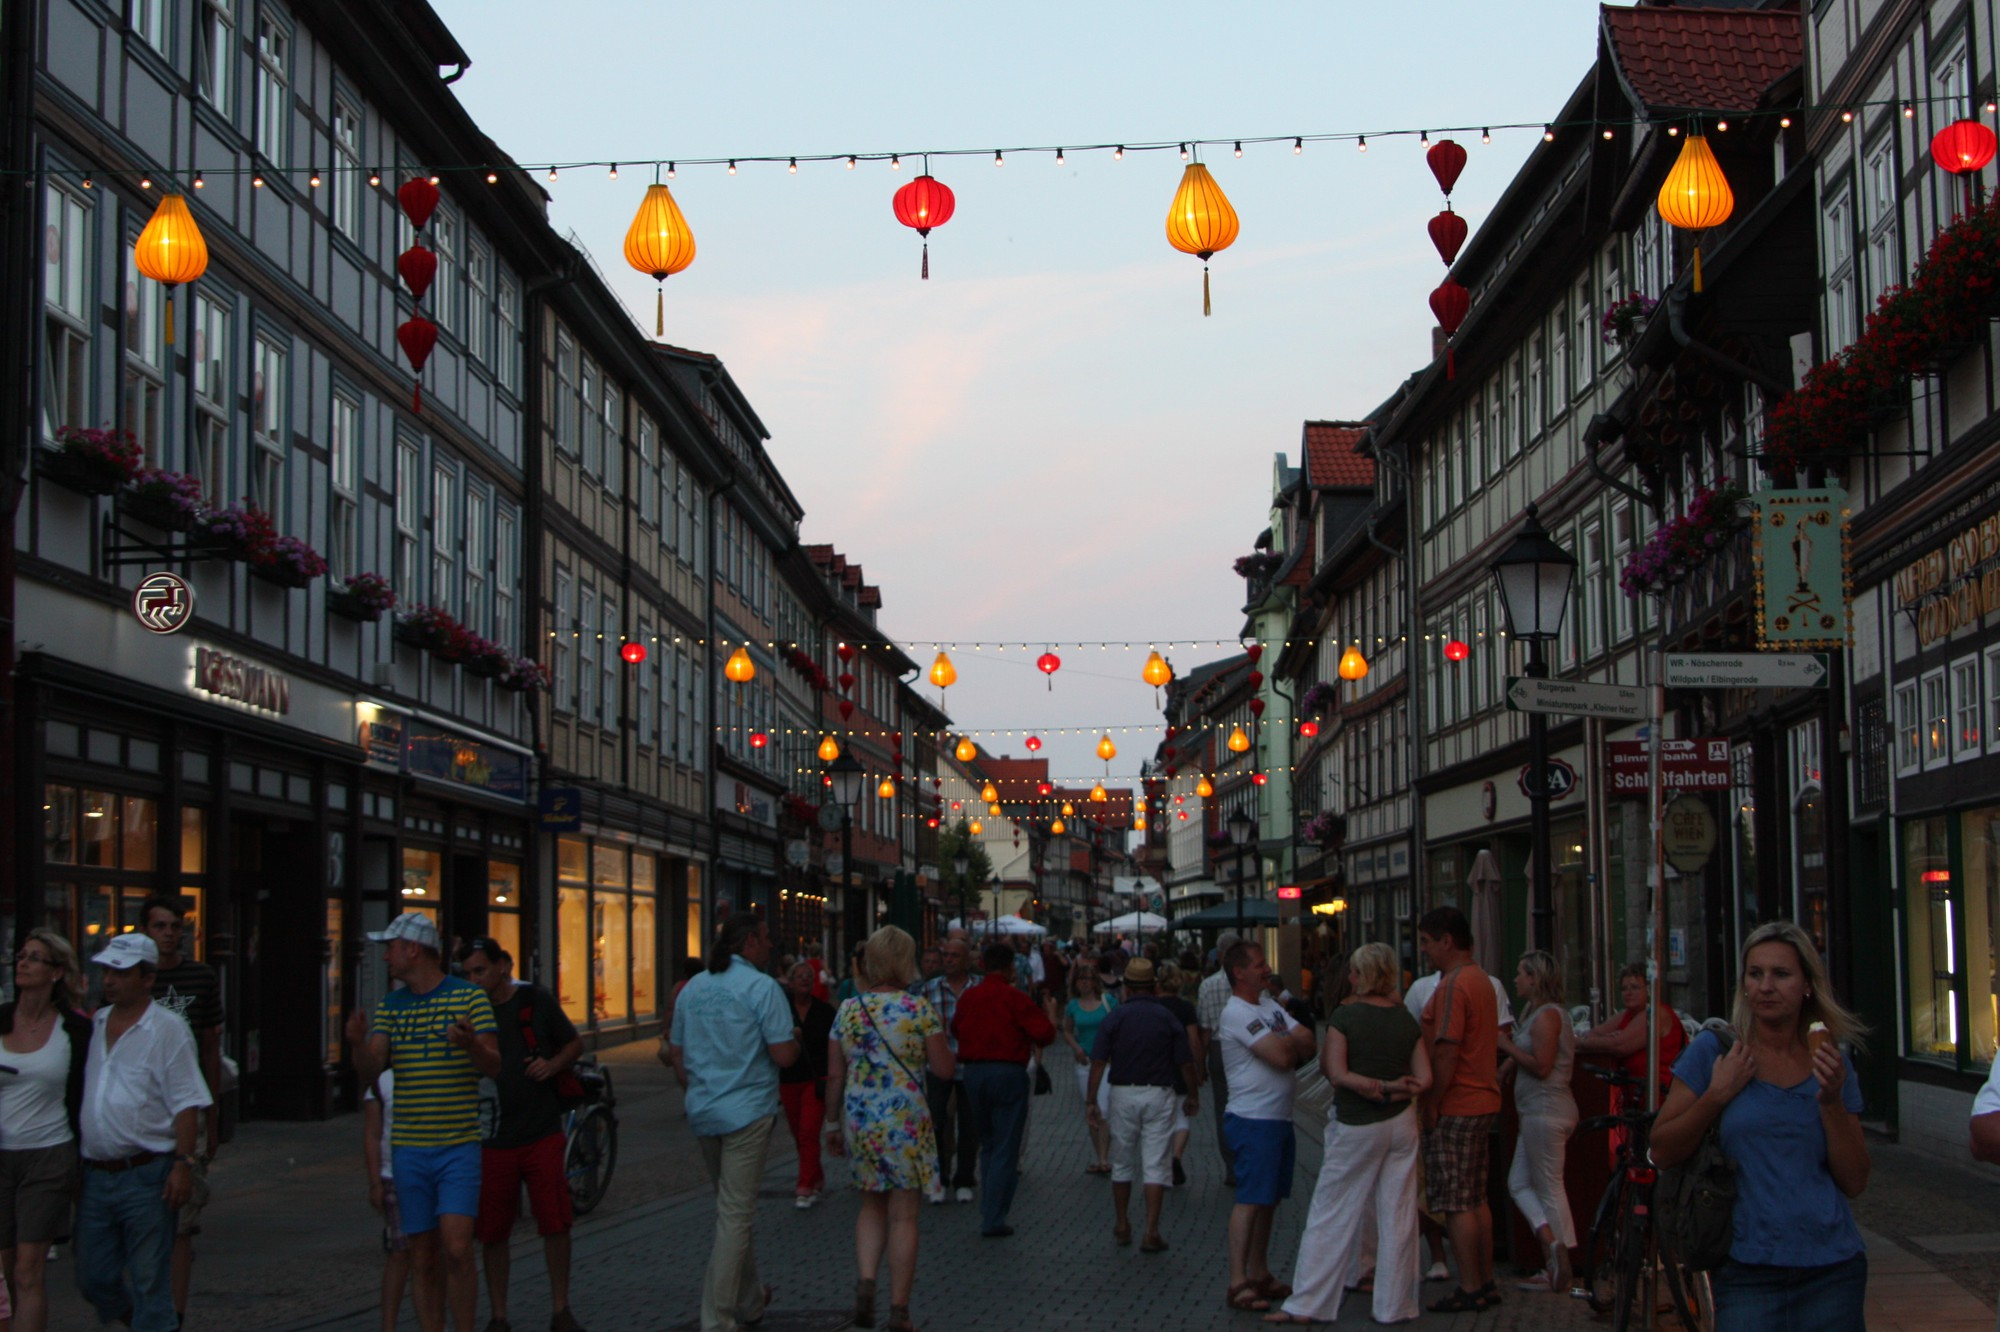 Hoi An lanterns will lit up Wernigerode.